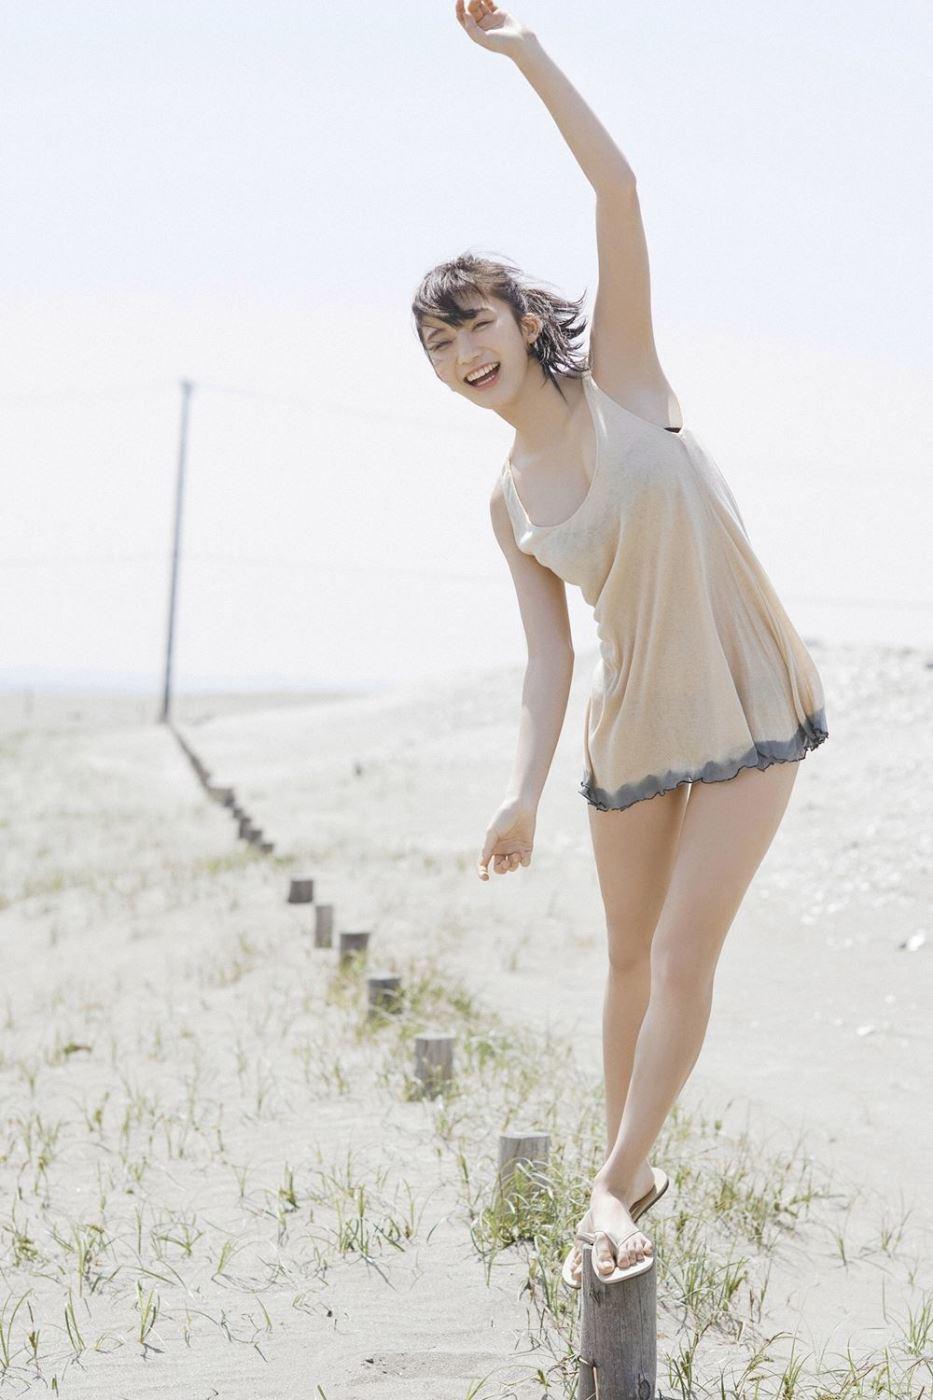 [YS-Web]娇小可爱萌妹子小仓优香吊带衫小清新美女图片